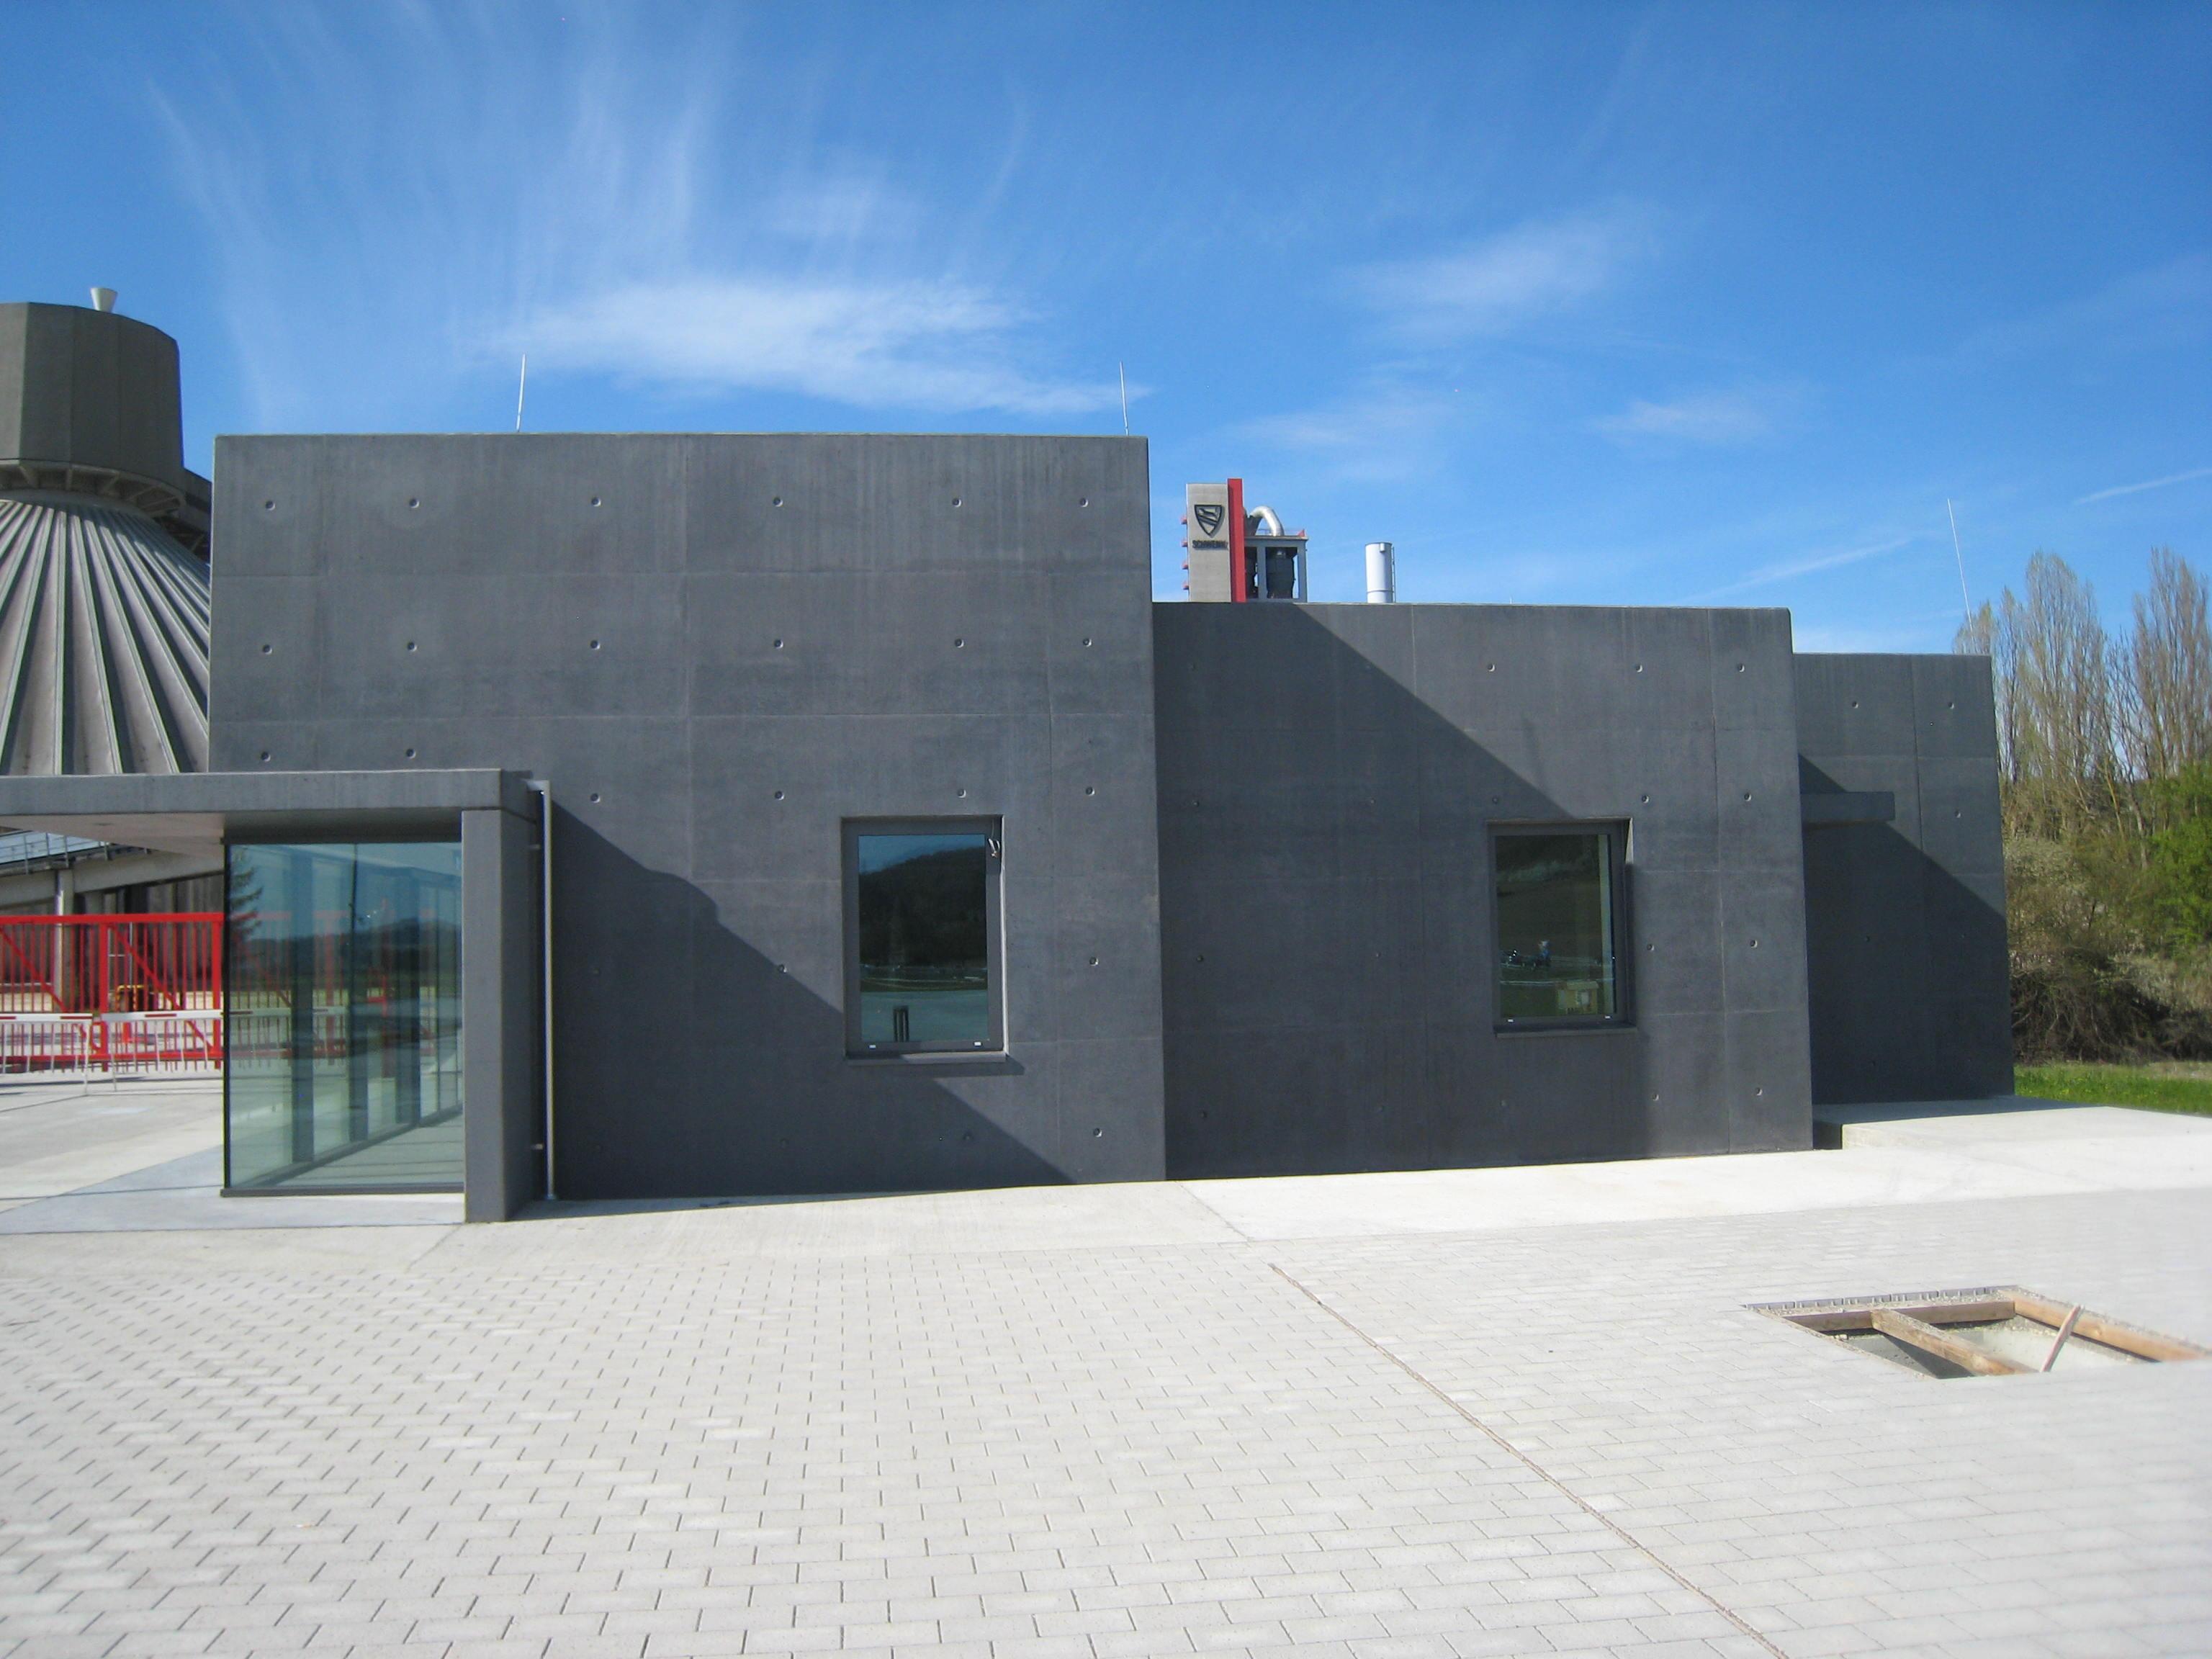 Prächtig Versandgebäude mit anthrazit eingefärbtem Sichtbeton - SCHWENK &OW_48